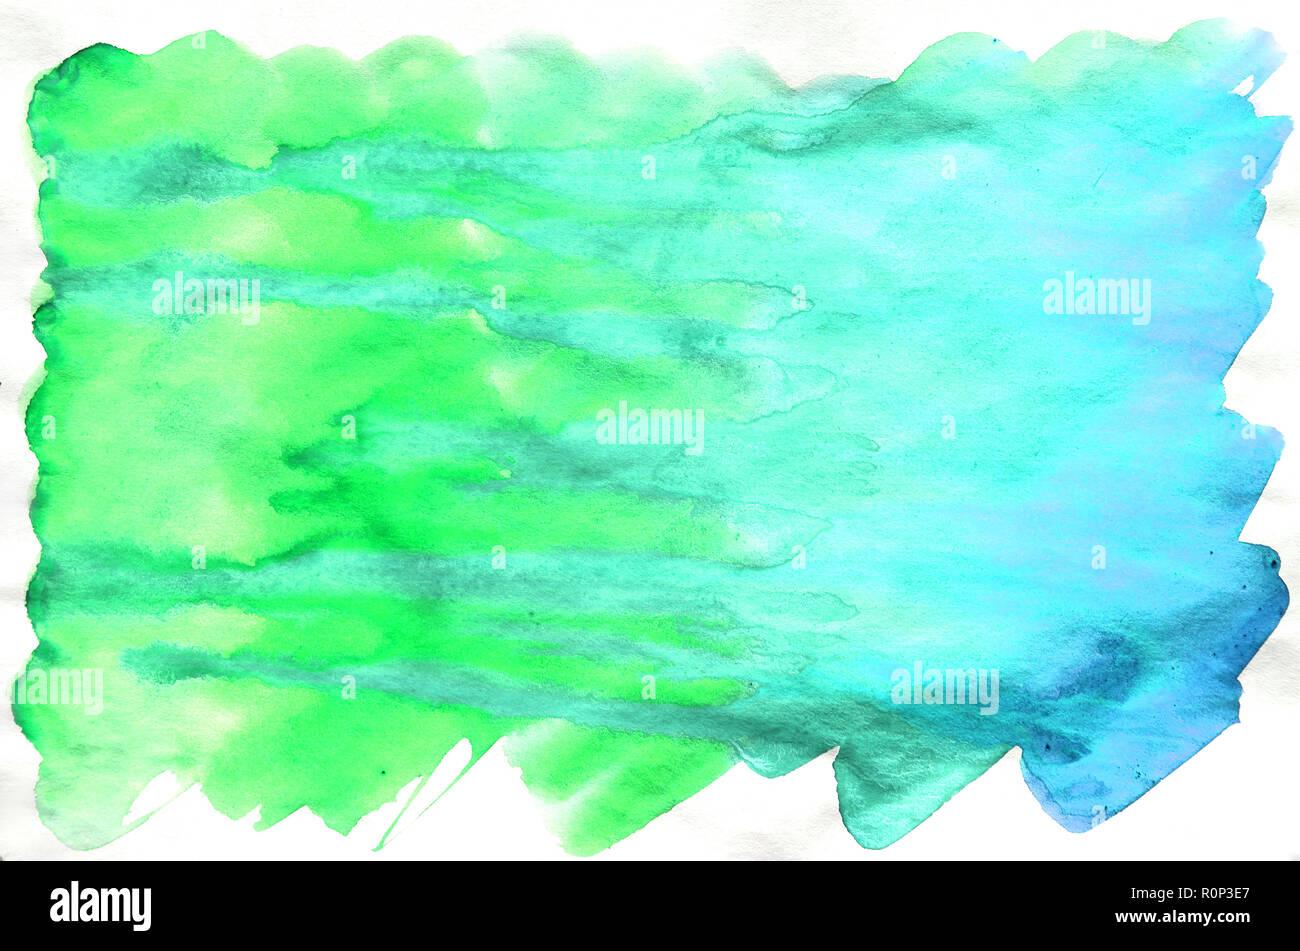 Bunte Blau Grun Turkis Aquarell Nassen Pinsel Malen Flussigkeit